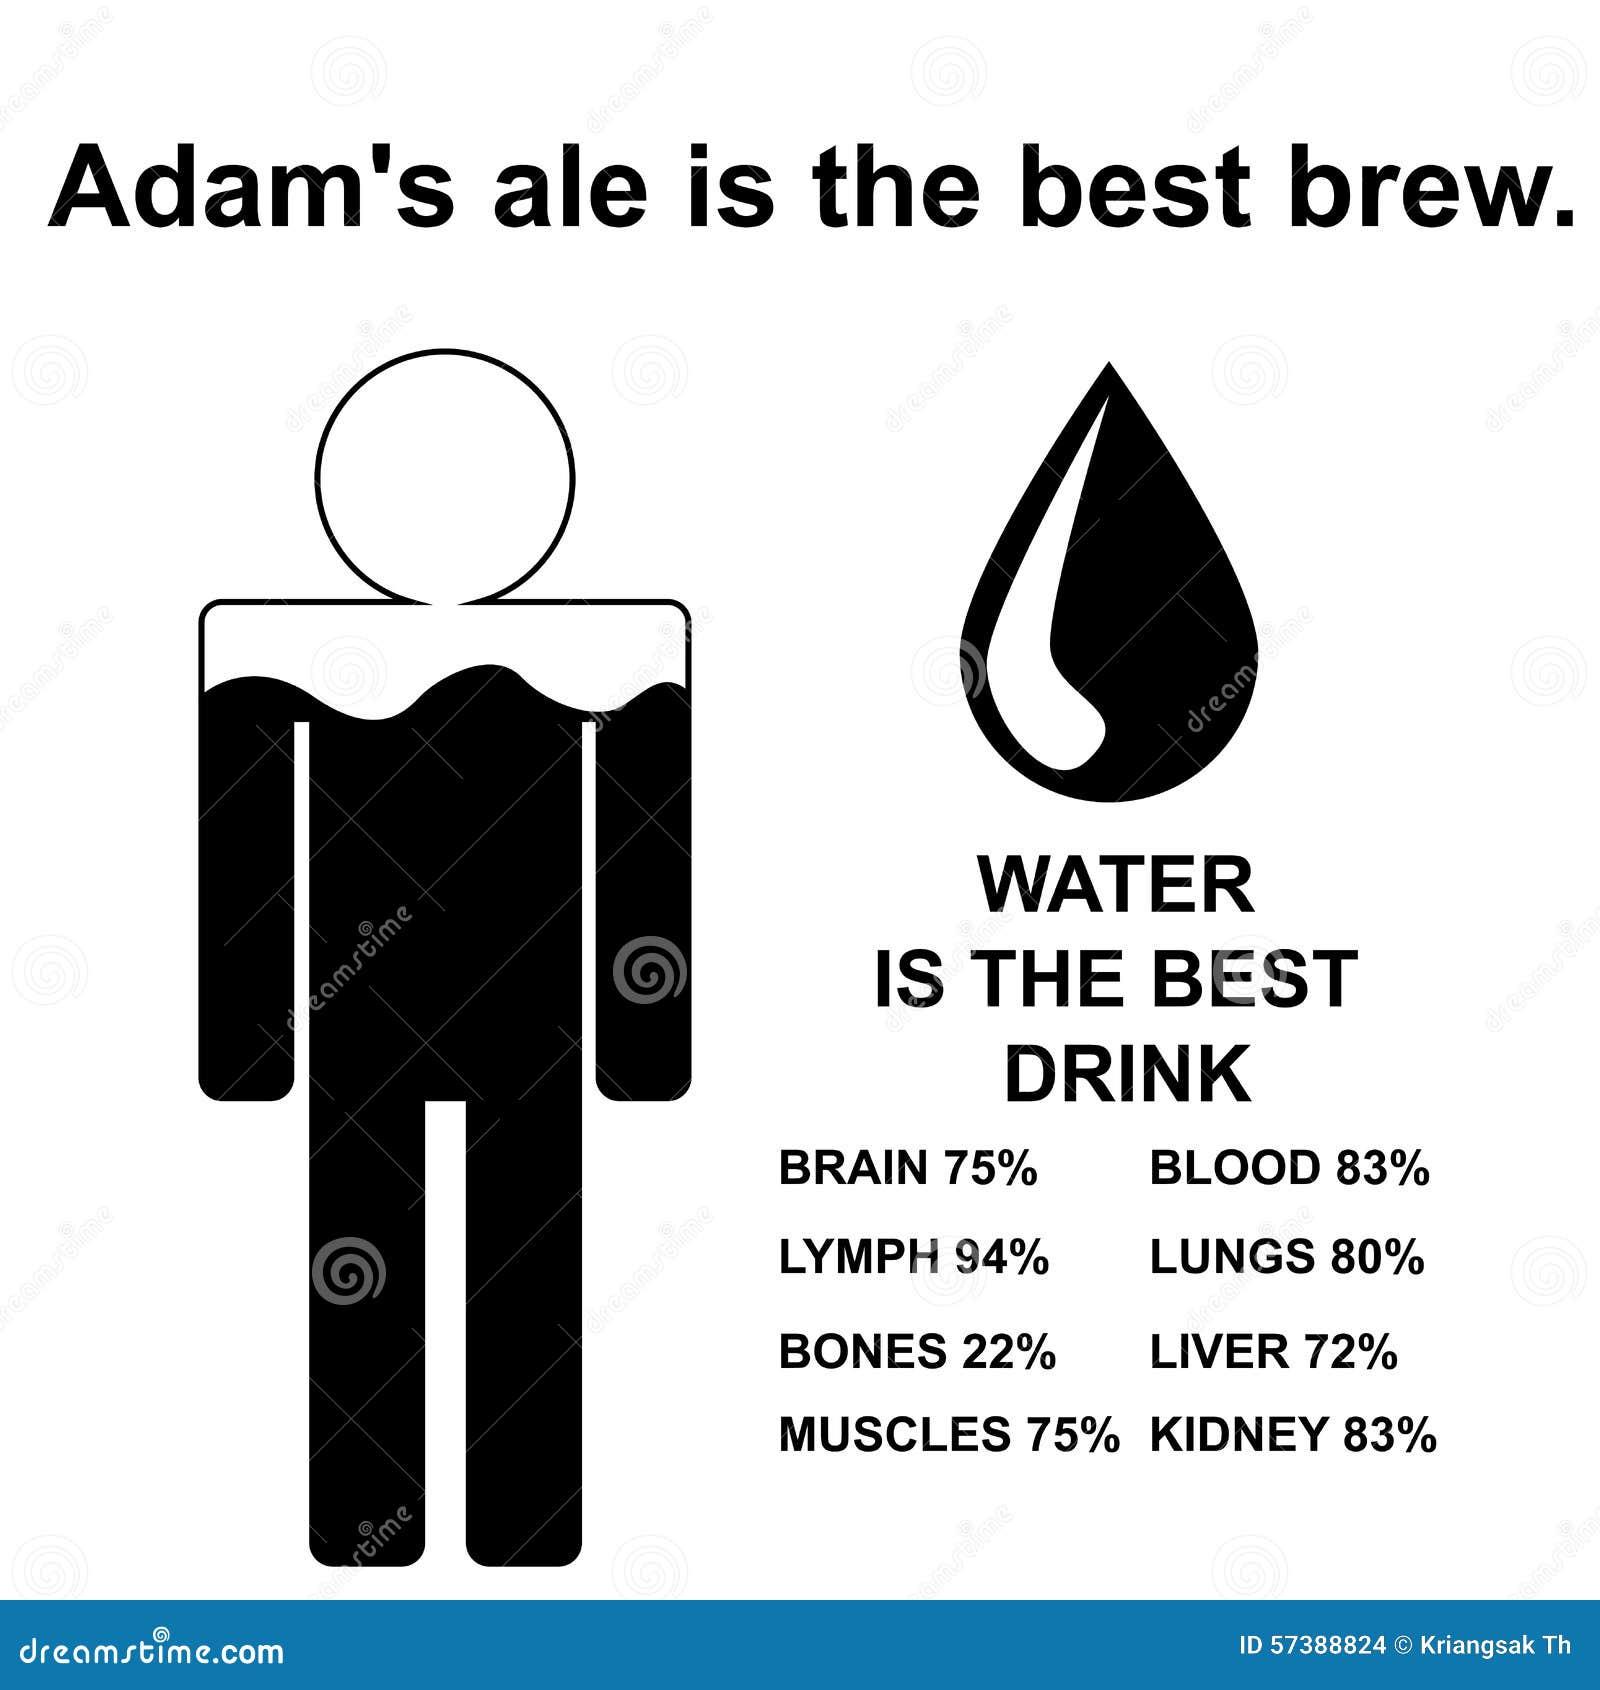 Proverbe Anglais La Biere Anglaise D Adams Est Le Meilleur Brew Illustration Stock Illustration Du Anglaise Meilleur 57388824